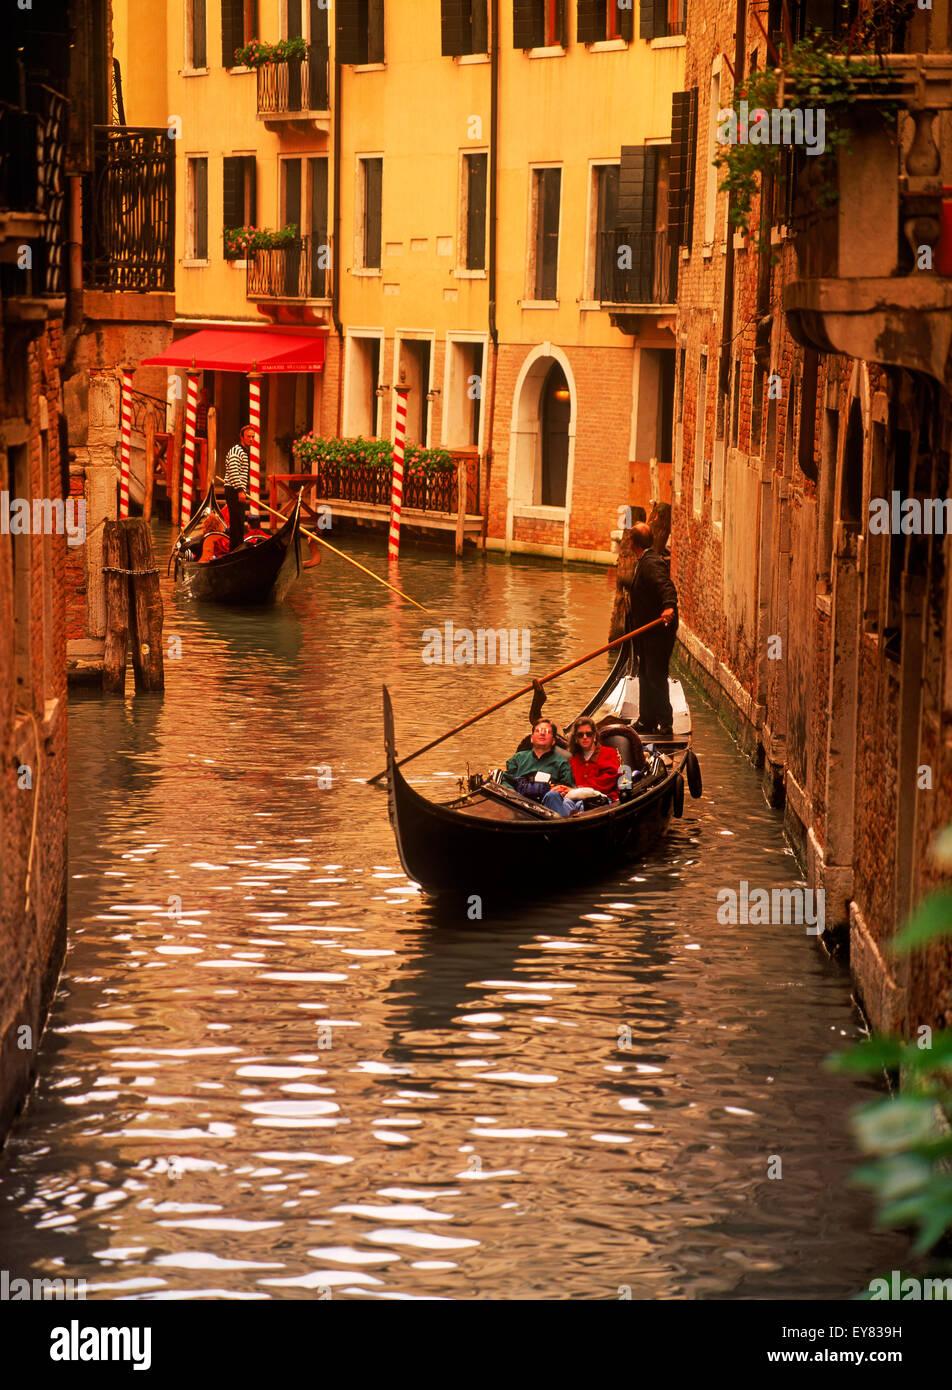 Gondoles rempli de touristes passant sur les étroits canaux de Venise Photo Stock